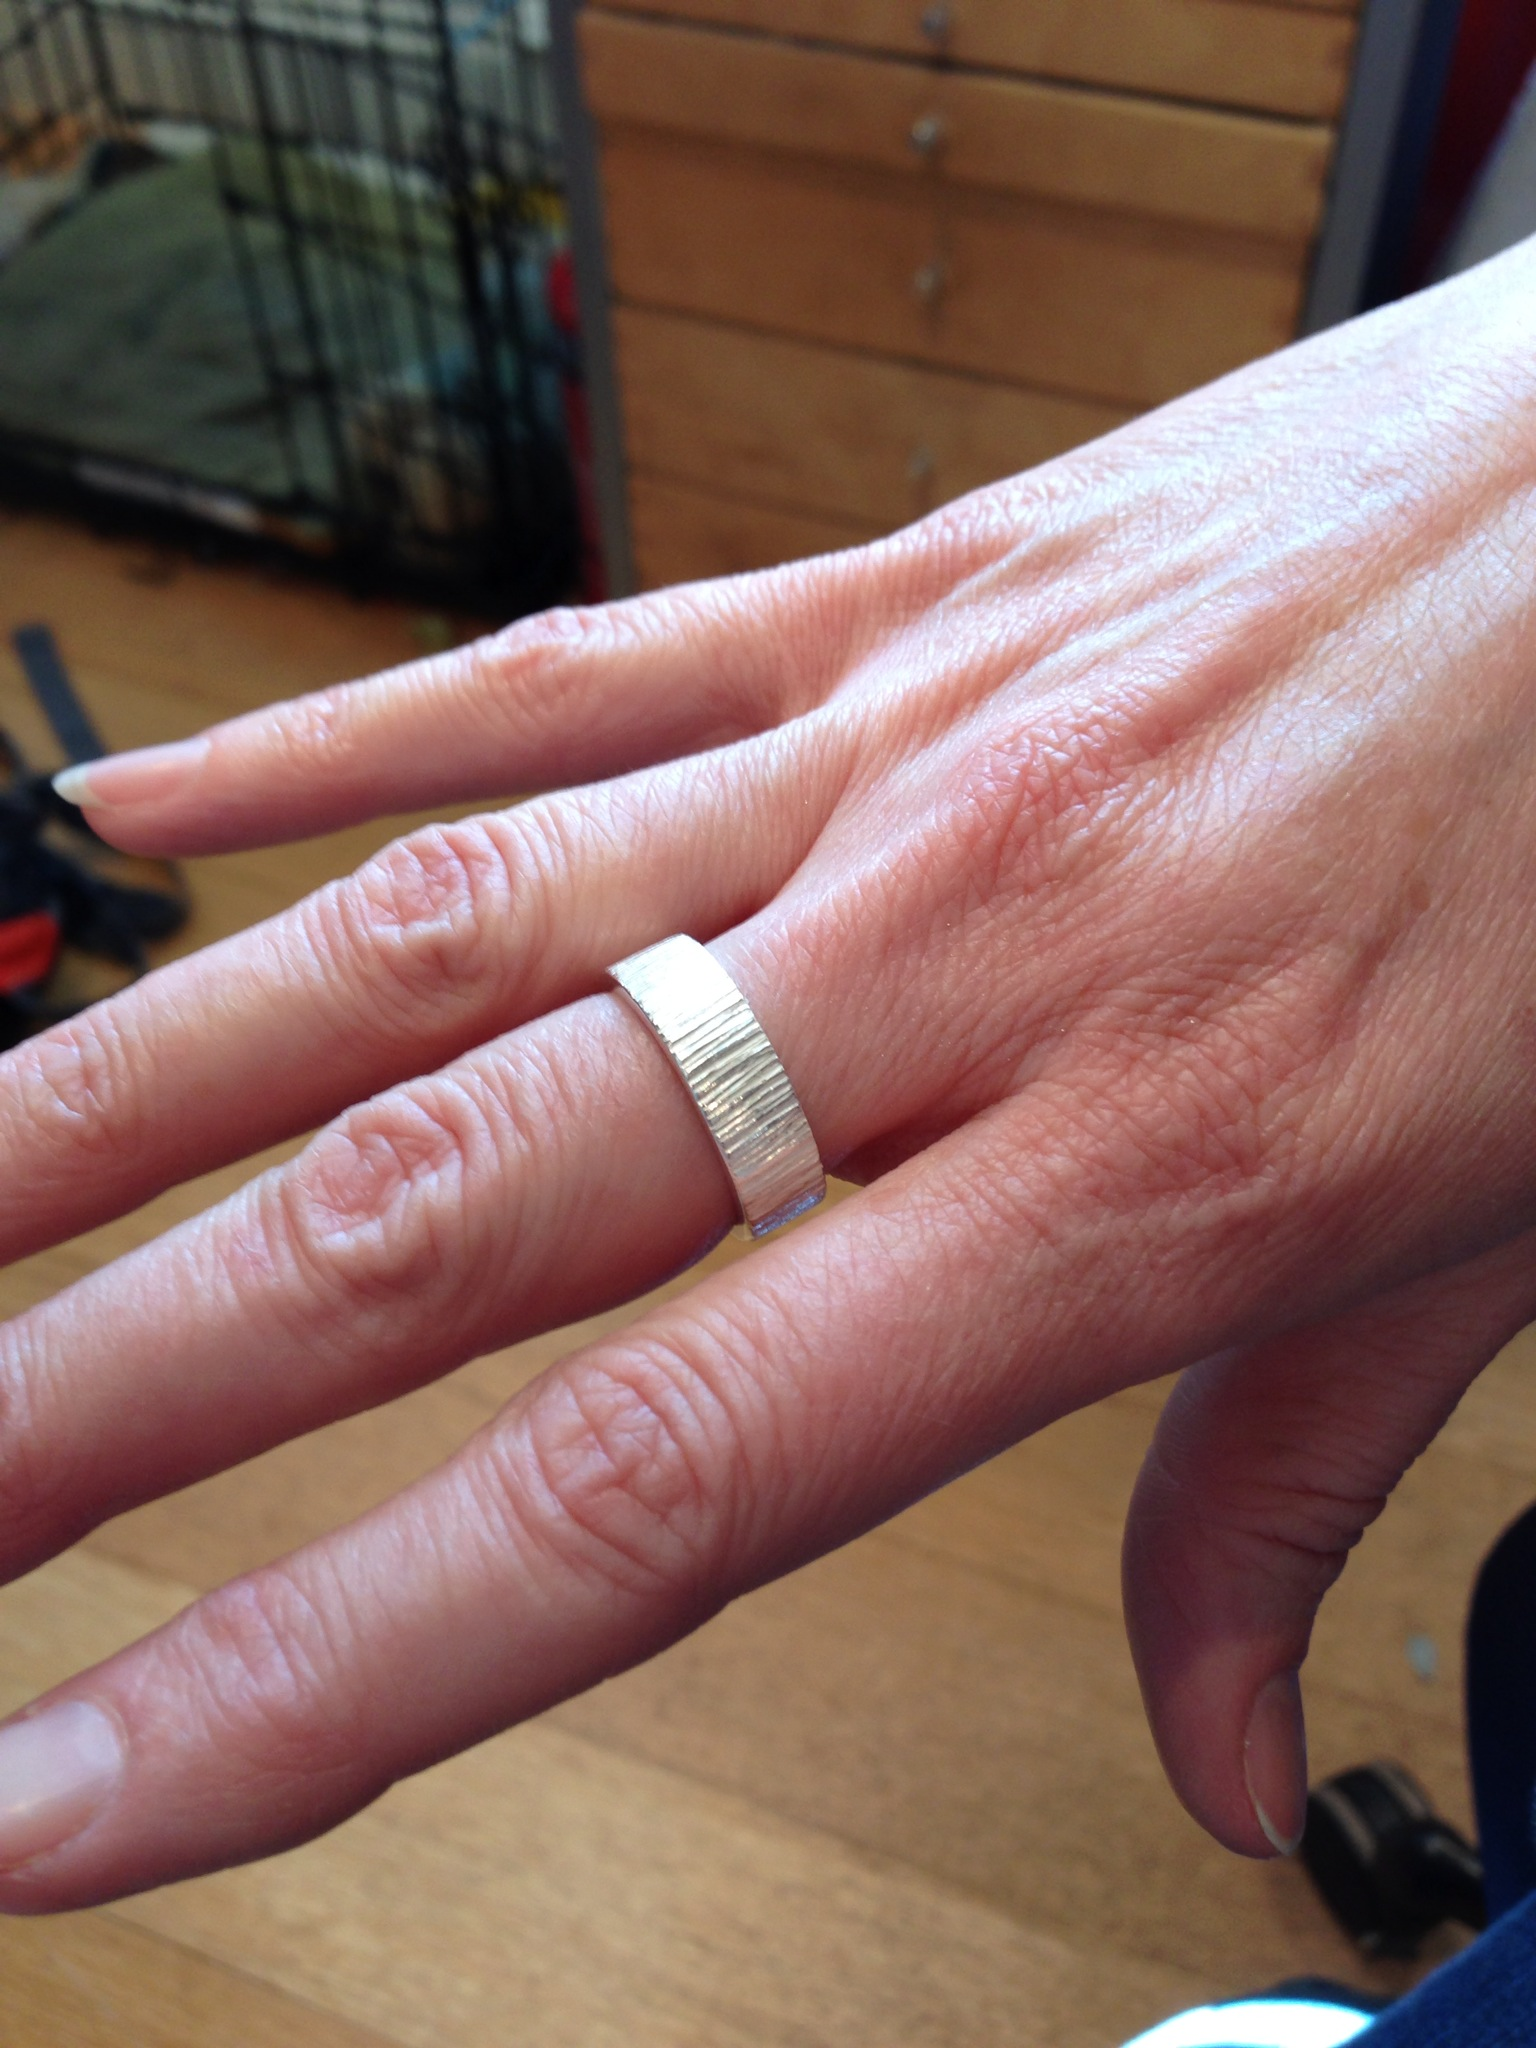 Rachel's ring